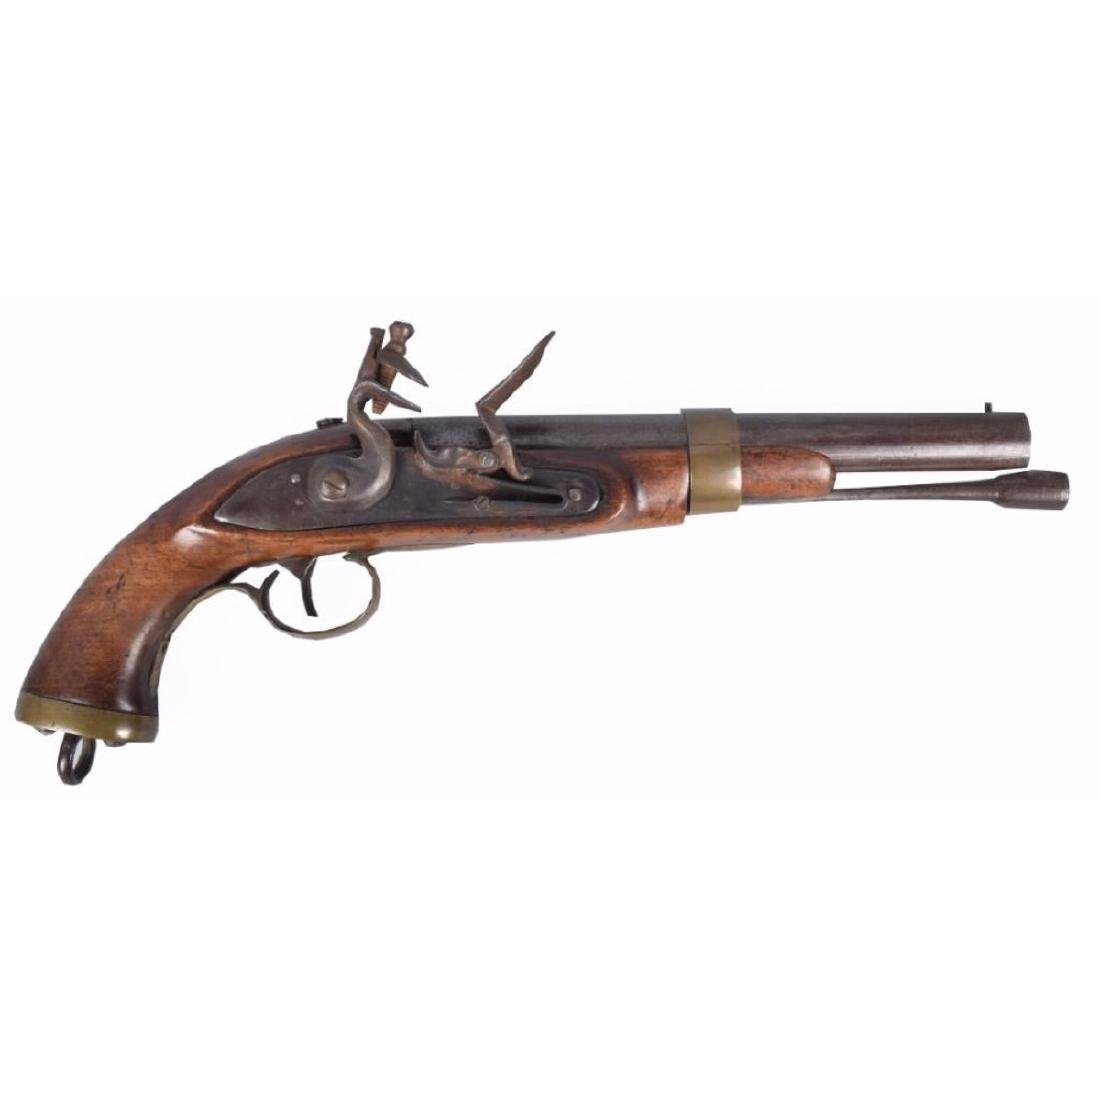 Belgian Flintlock .69 Caliber Pistol